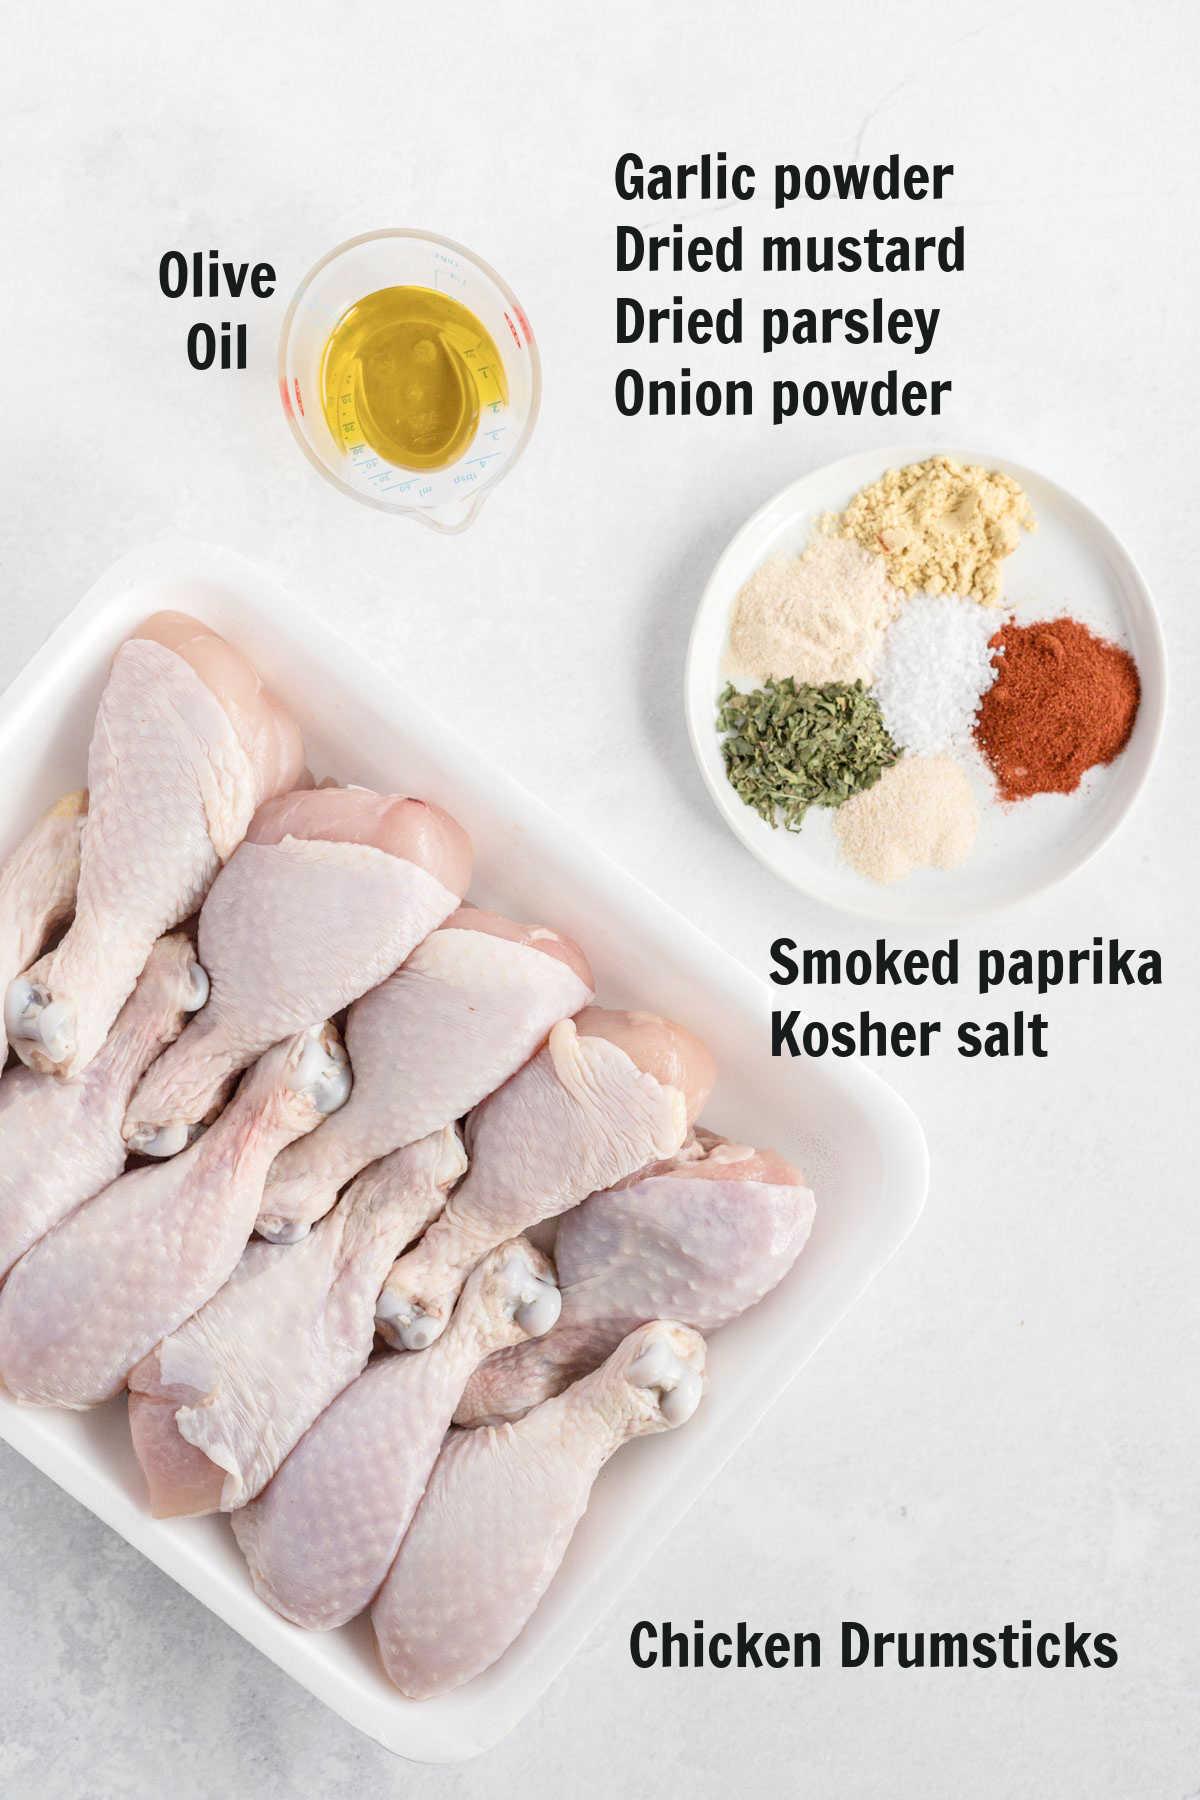 Ingredients for air fryer drumsticks.